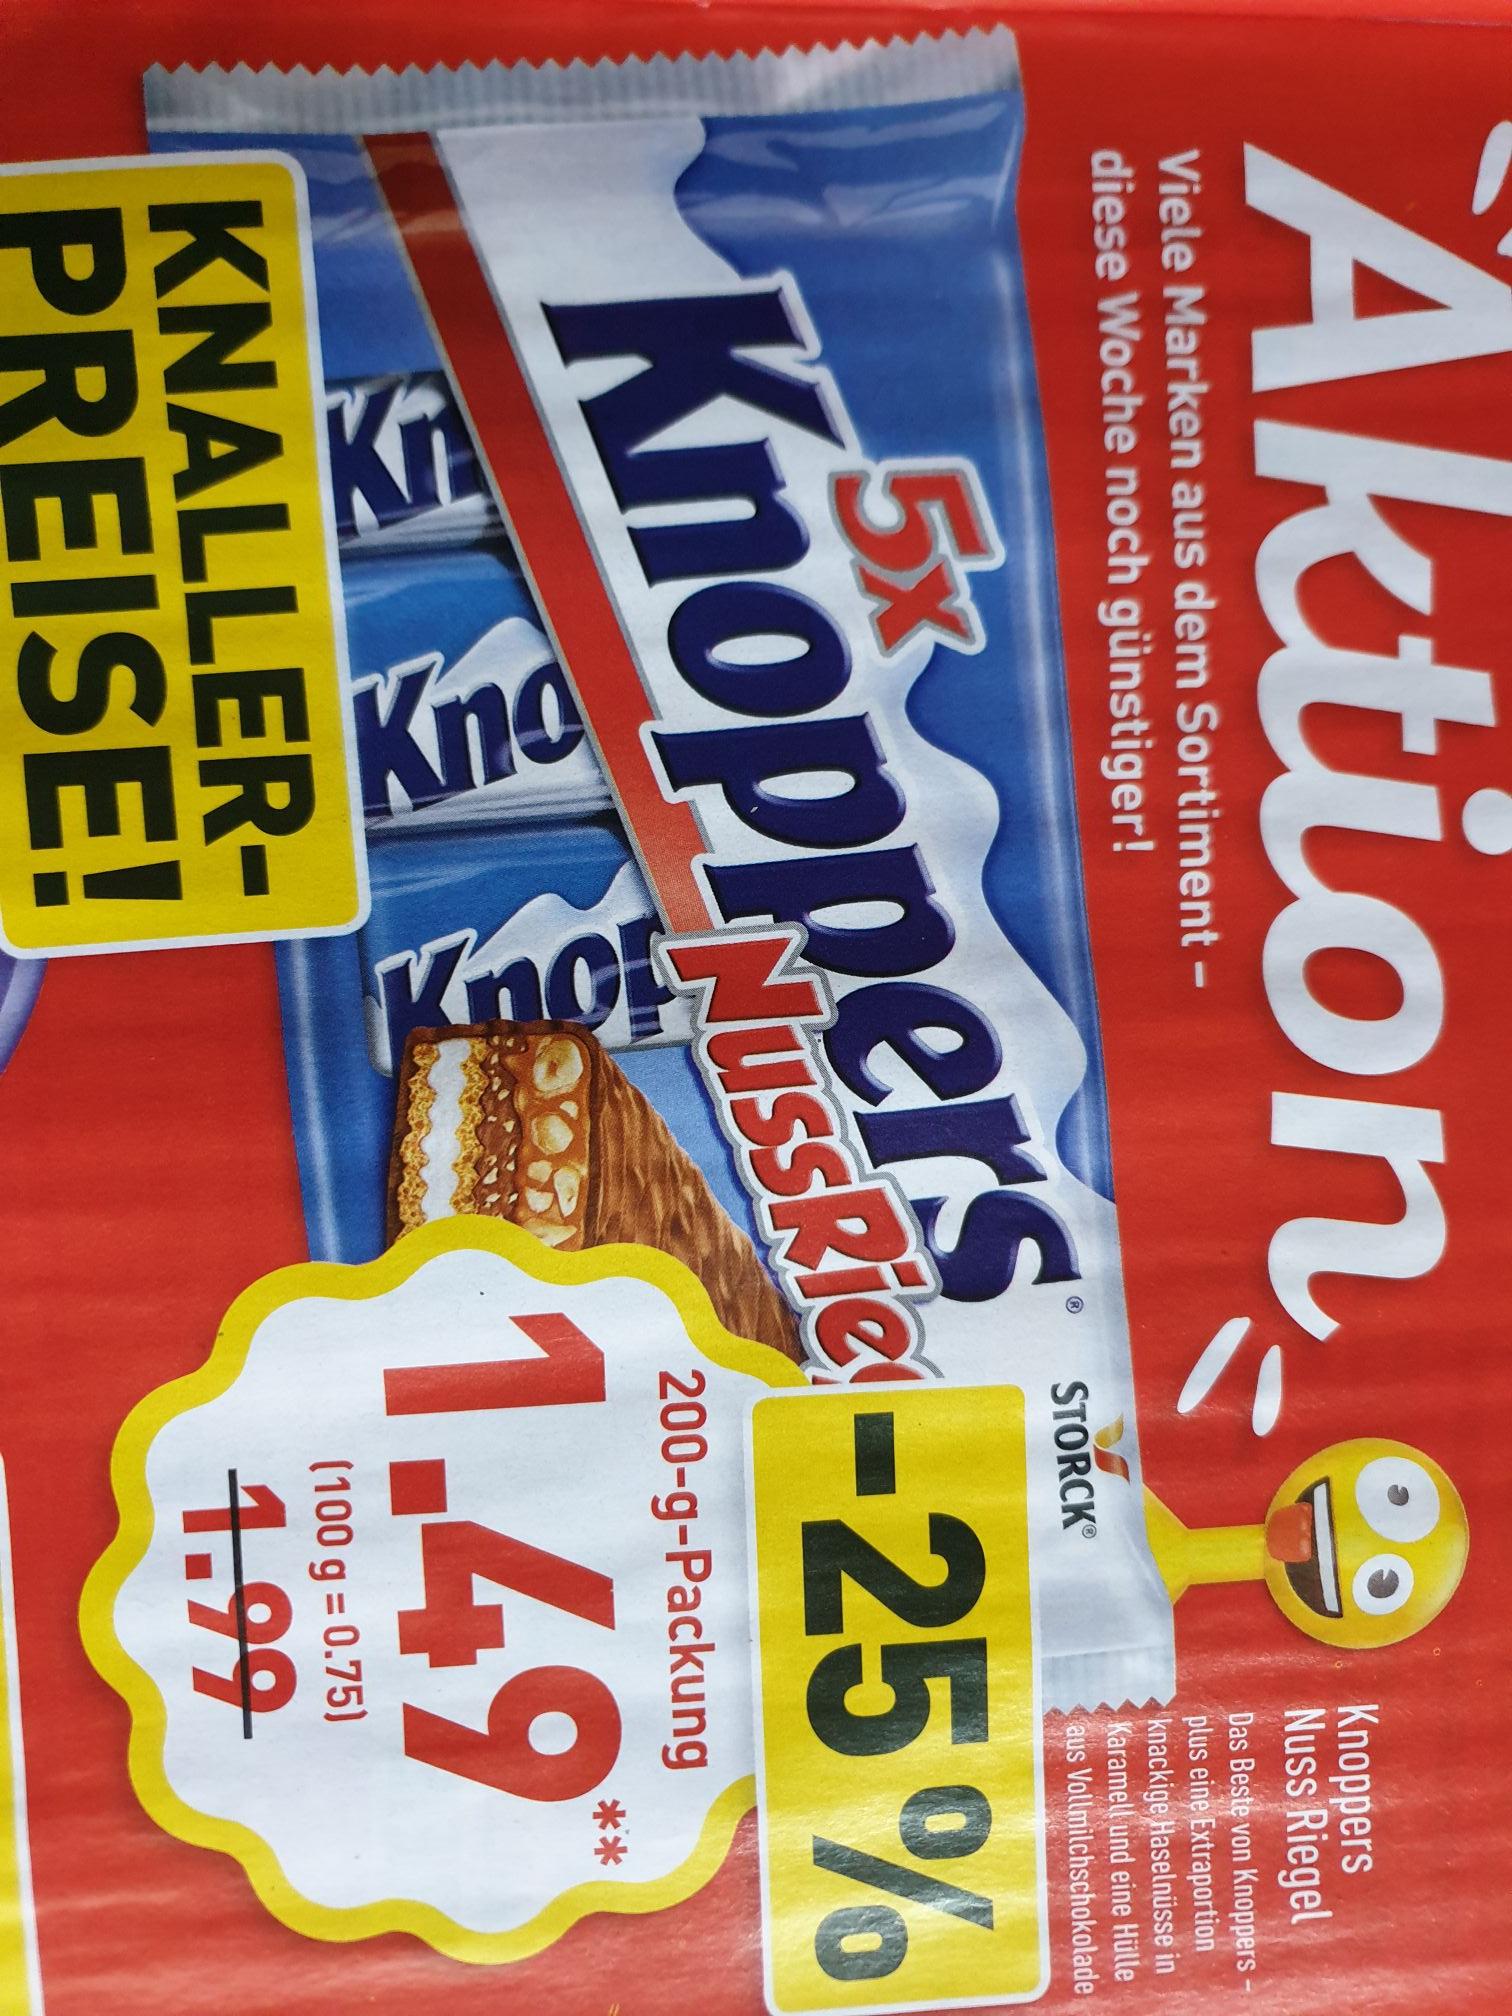 (Aldi) Knoppers Nuss Riegel 5 Stück für 1,49€